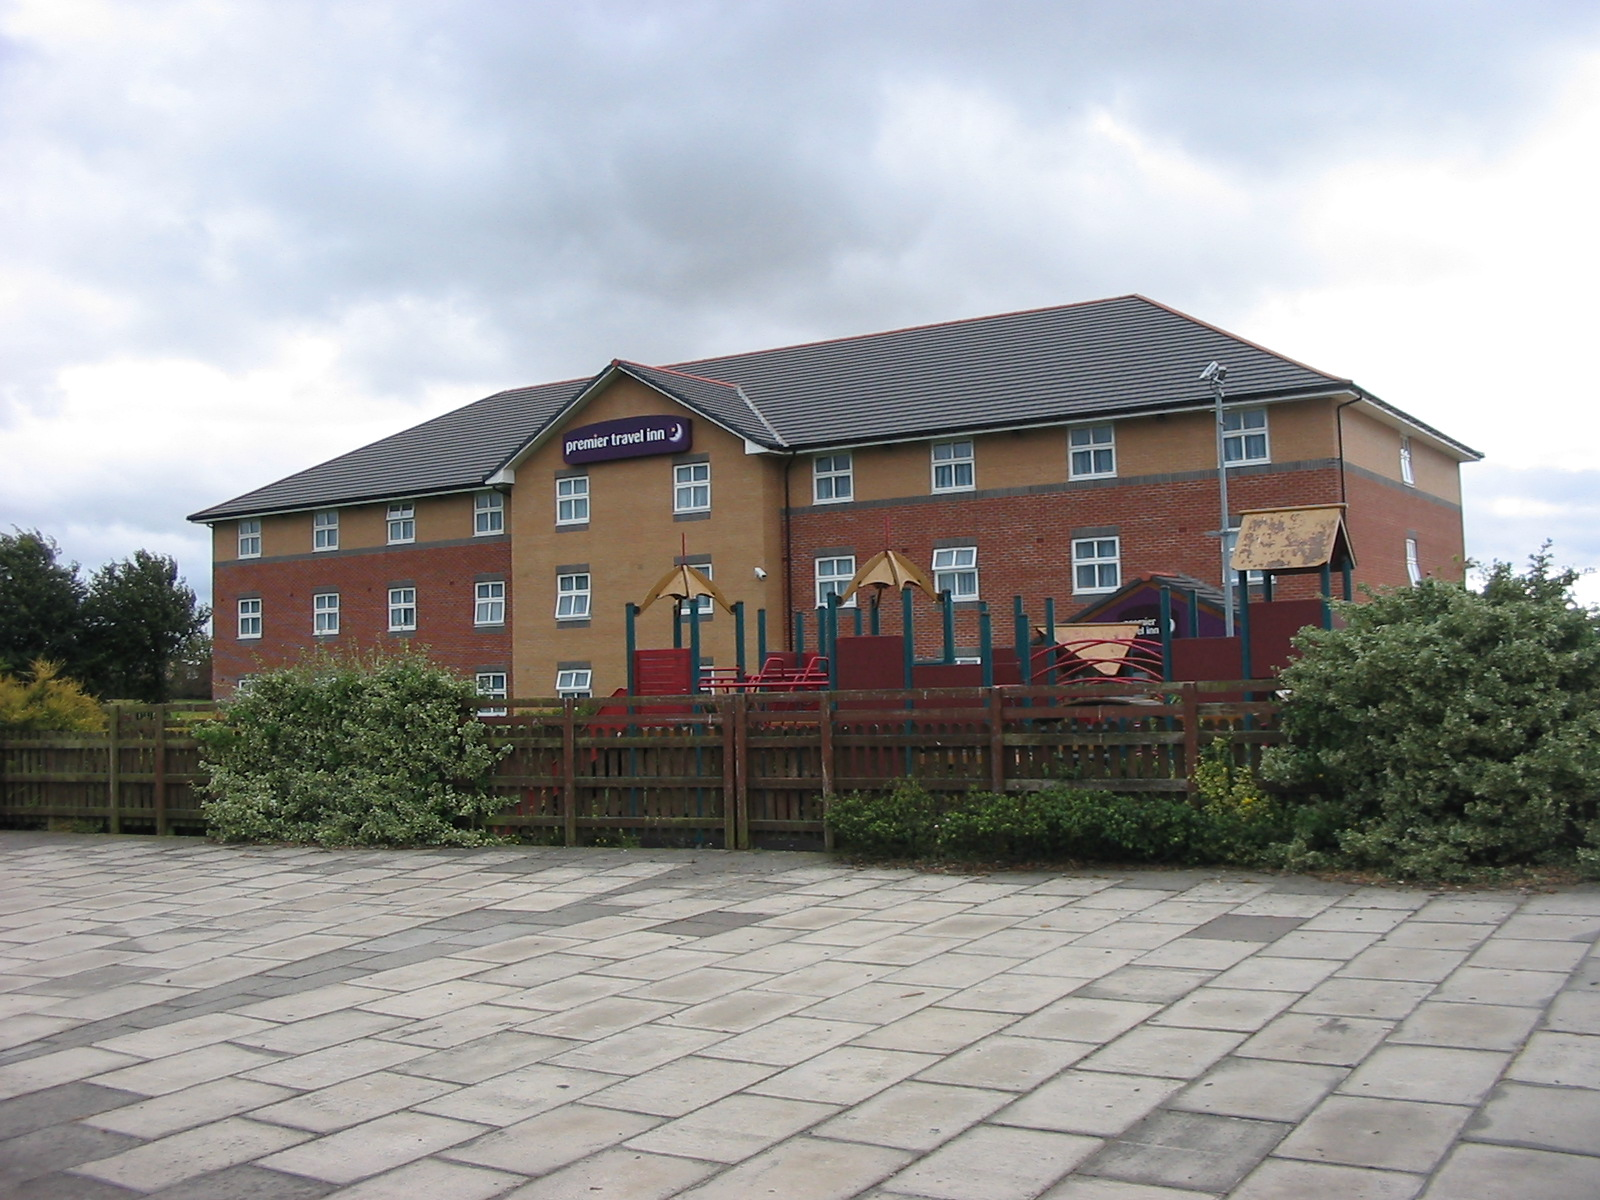 Doncaster – Premier Inn (2006)